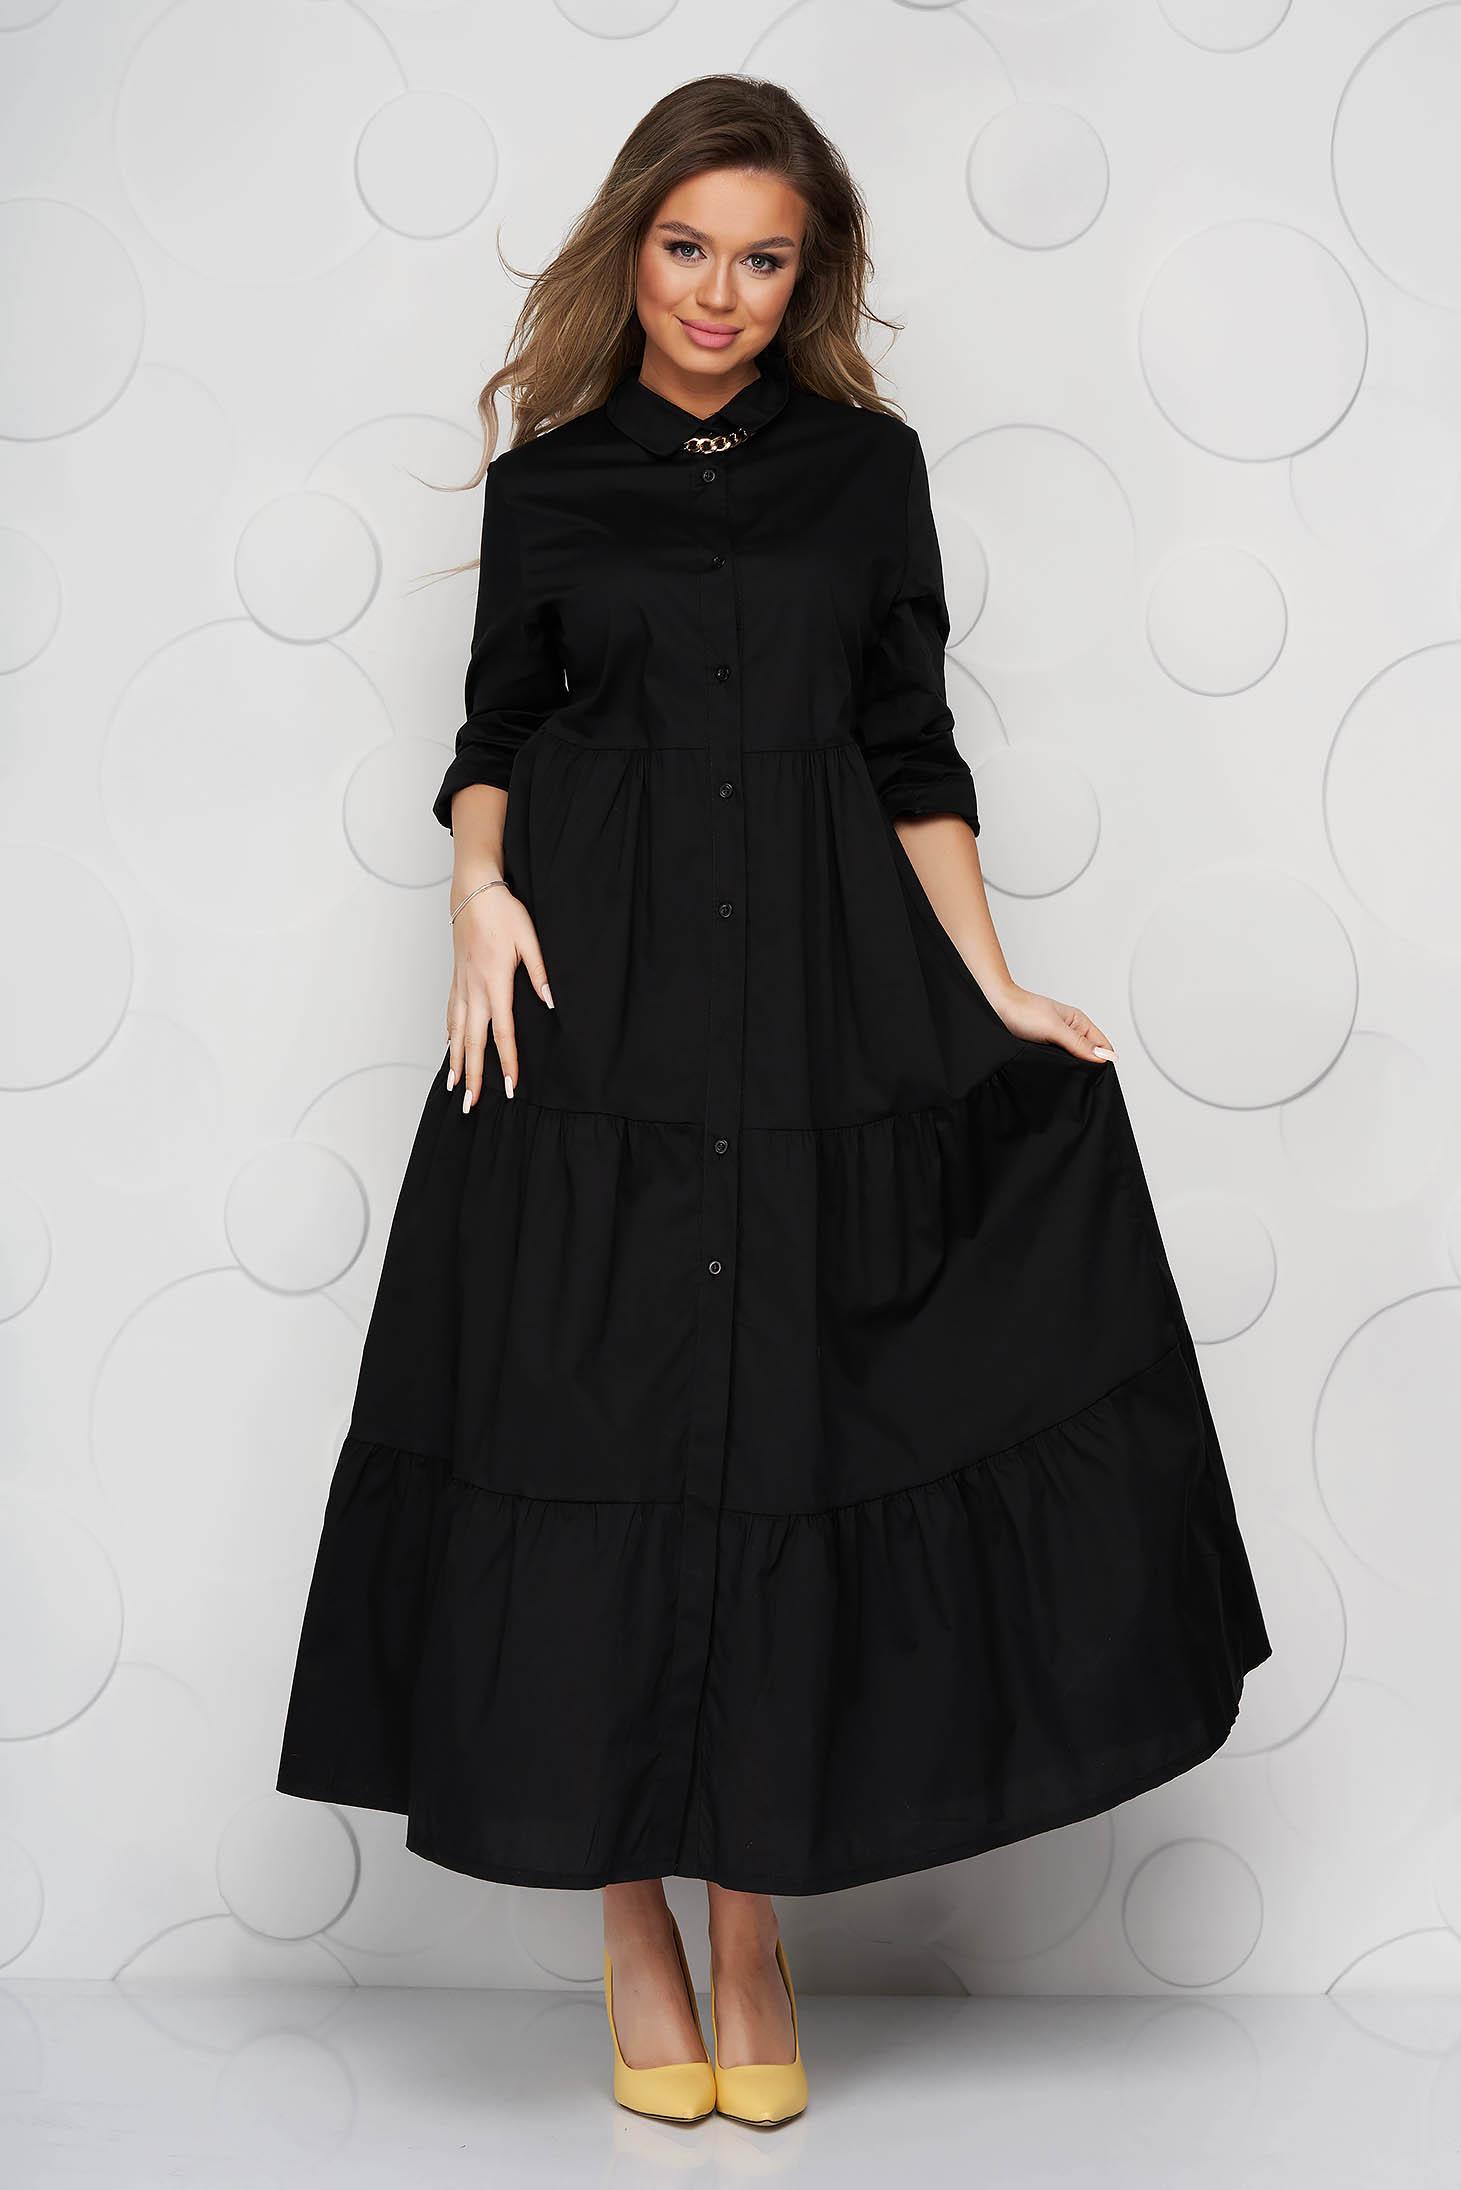 Rochie SunShine neagra lunga din material subtire cu croi in a si volanase